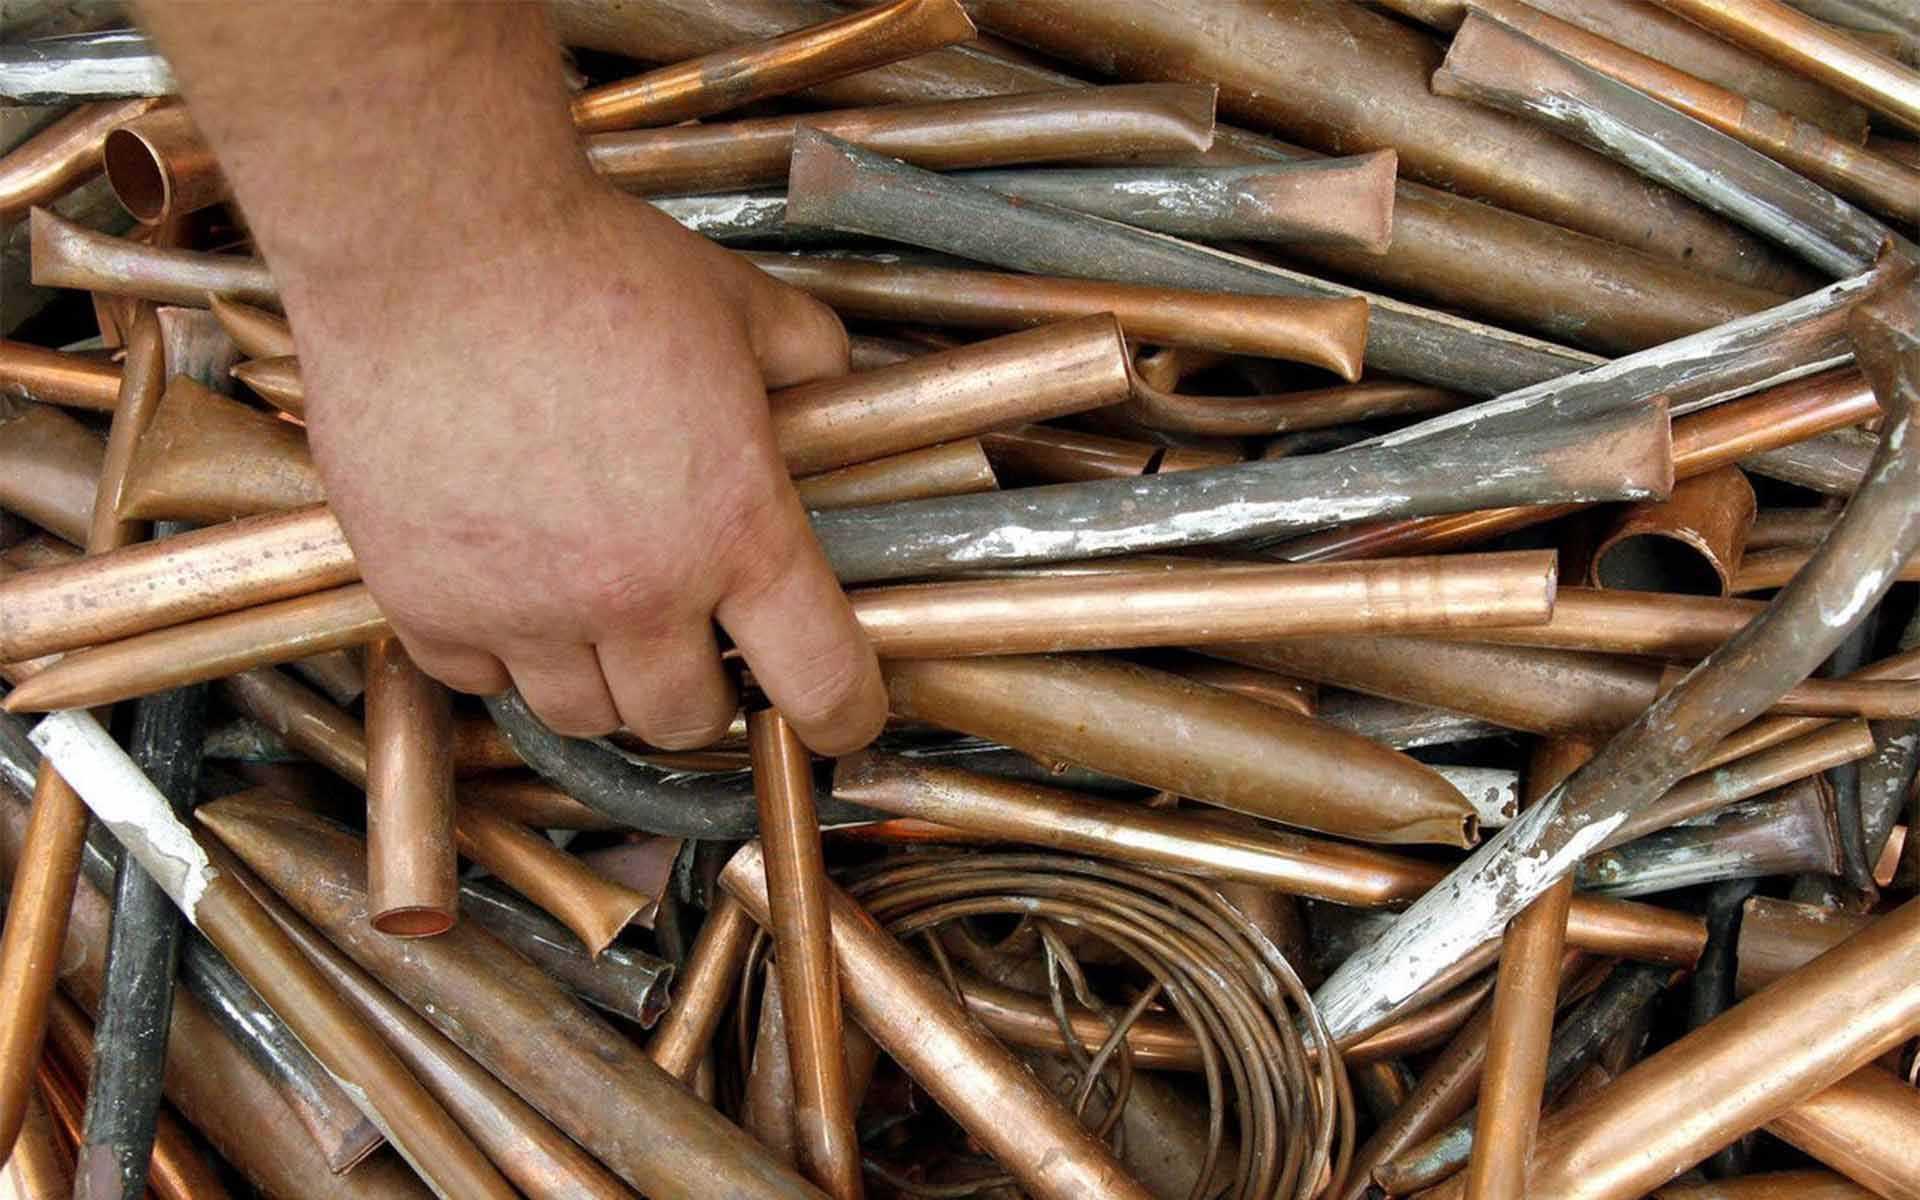 Сбор цветного лома | XLOM.RU – это лучший портал о металлоломе и вторсырье  в России!